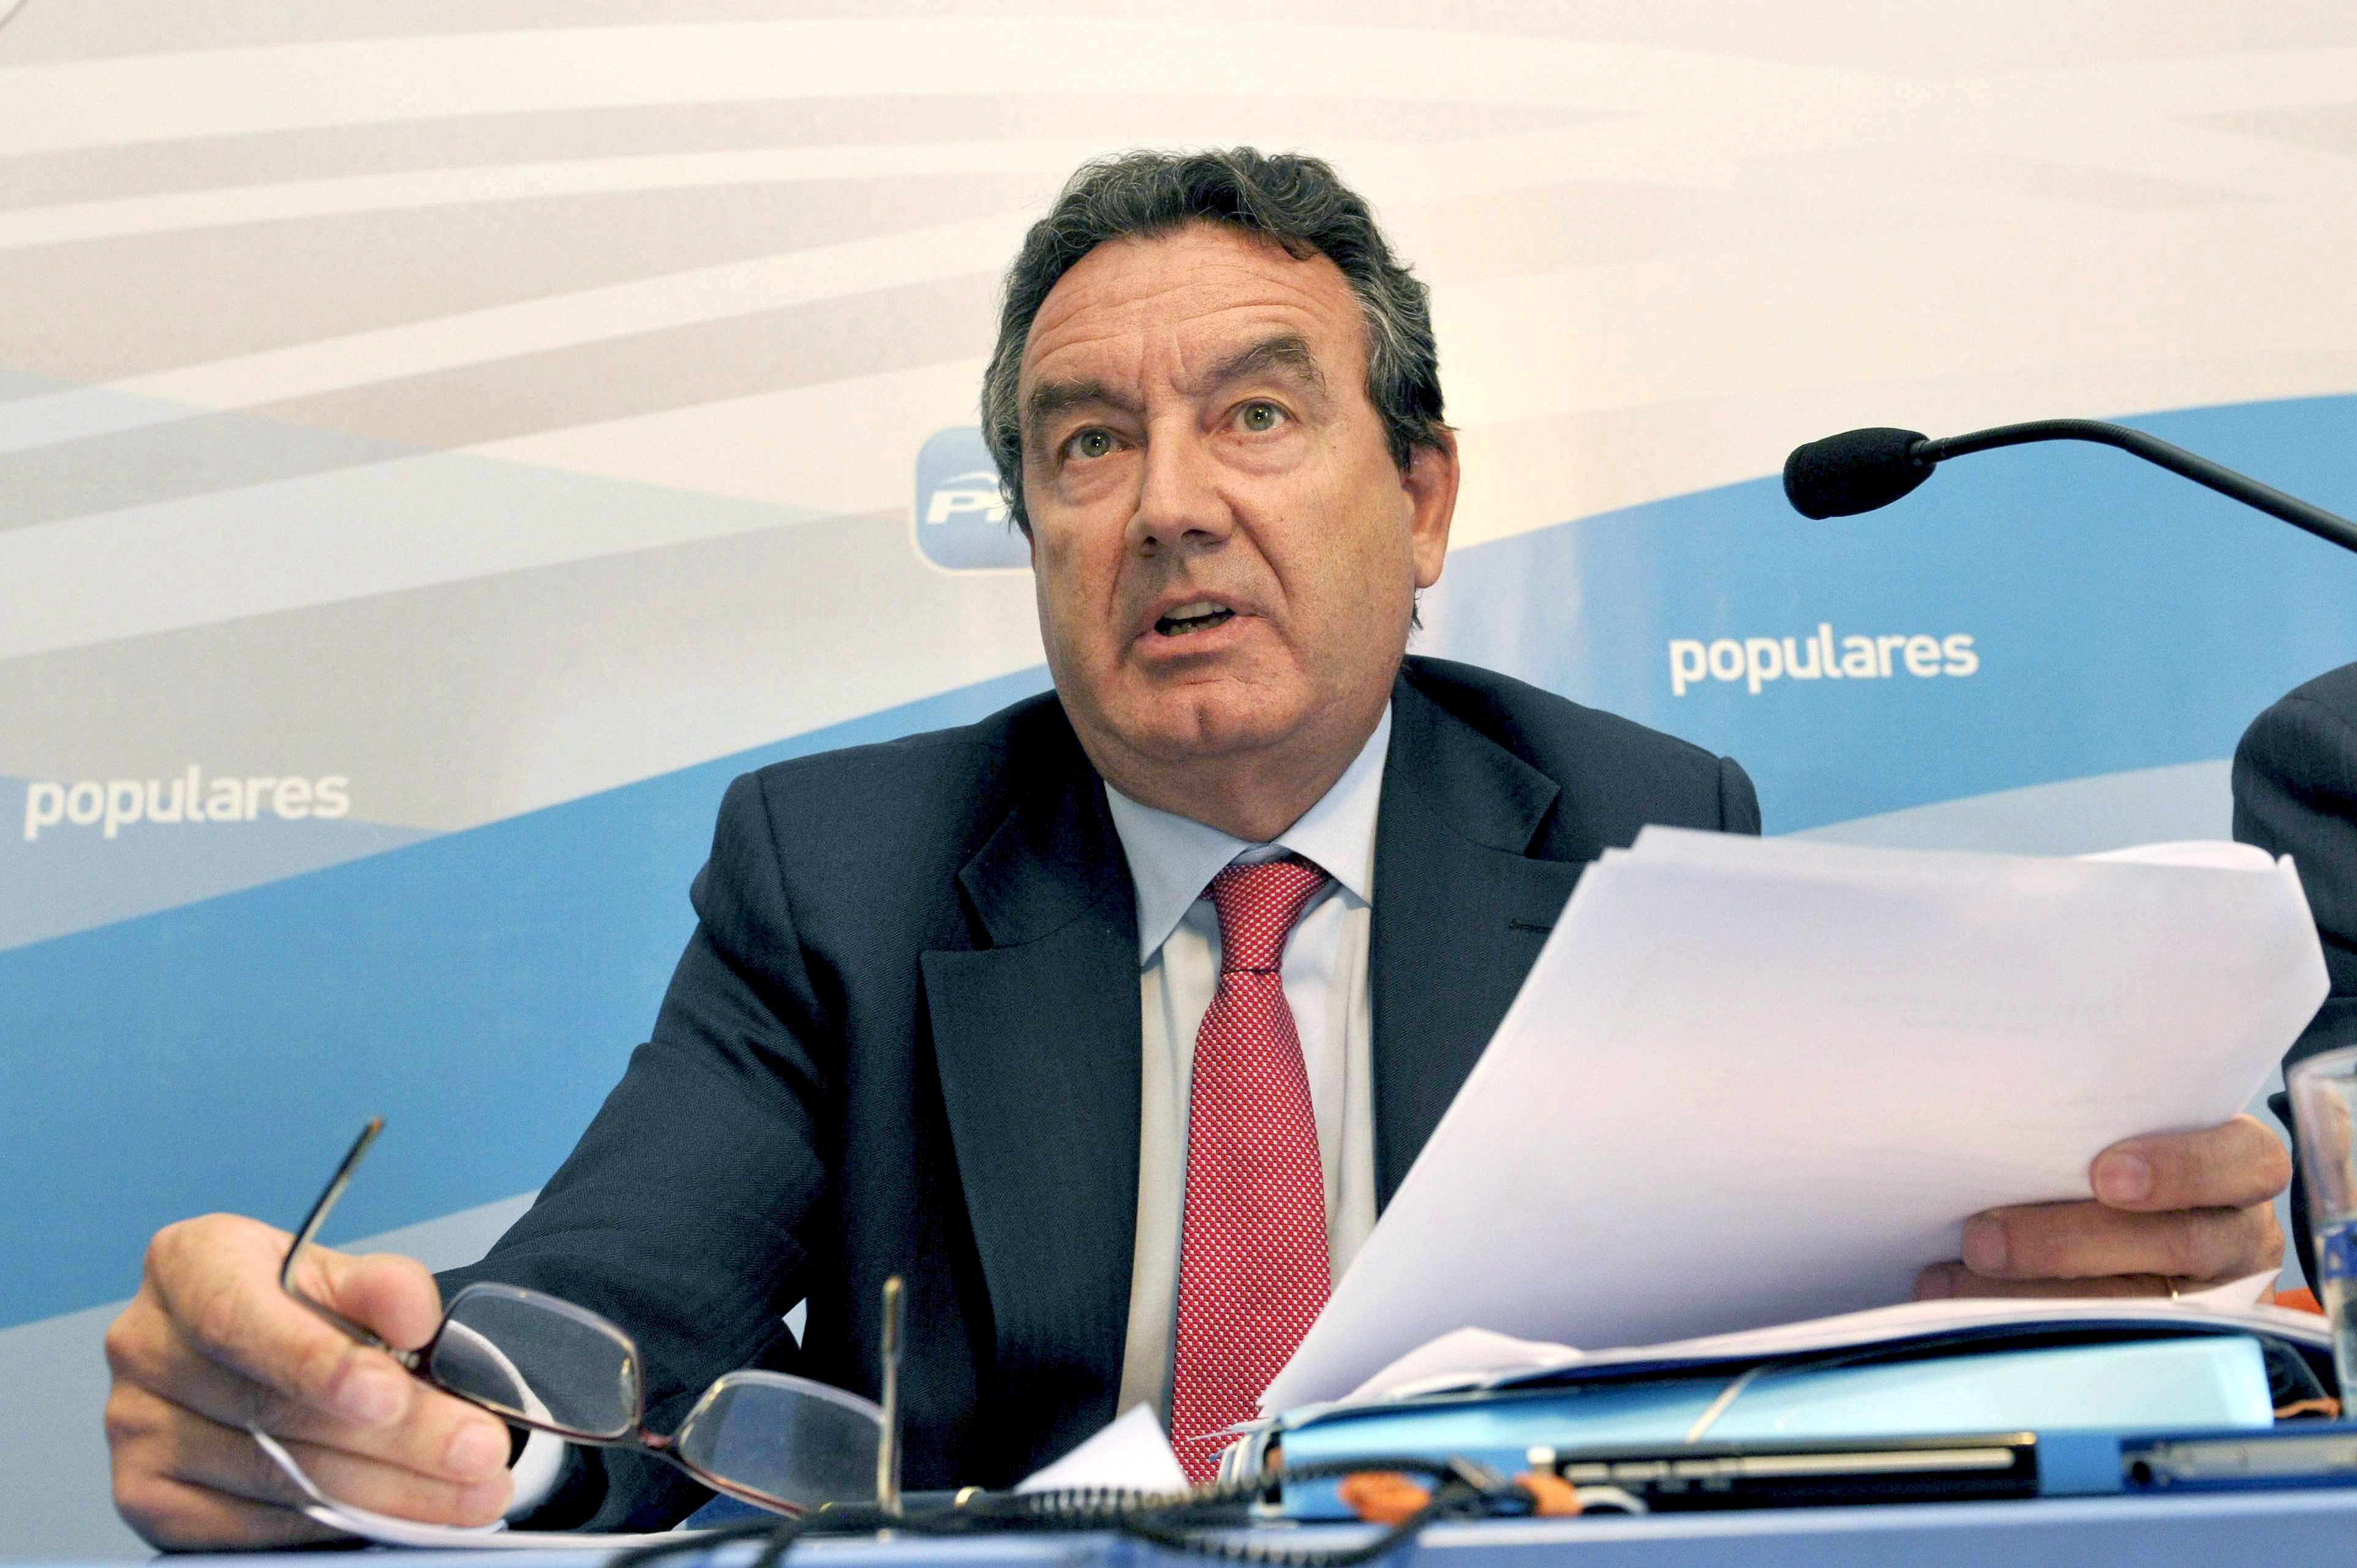 Merino, exdiputado del PP, asegura que nunca ha recibido un euro ni de Correa, ni de Bárcenas